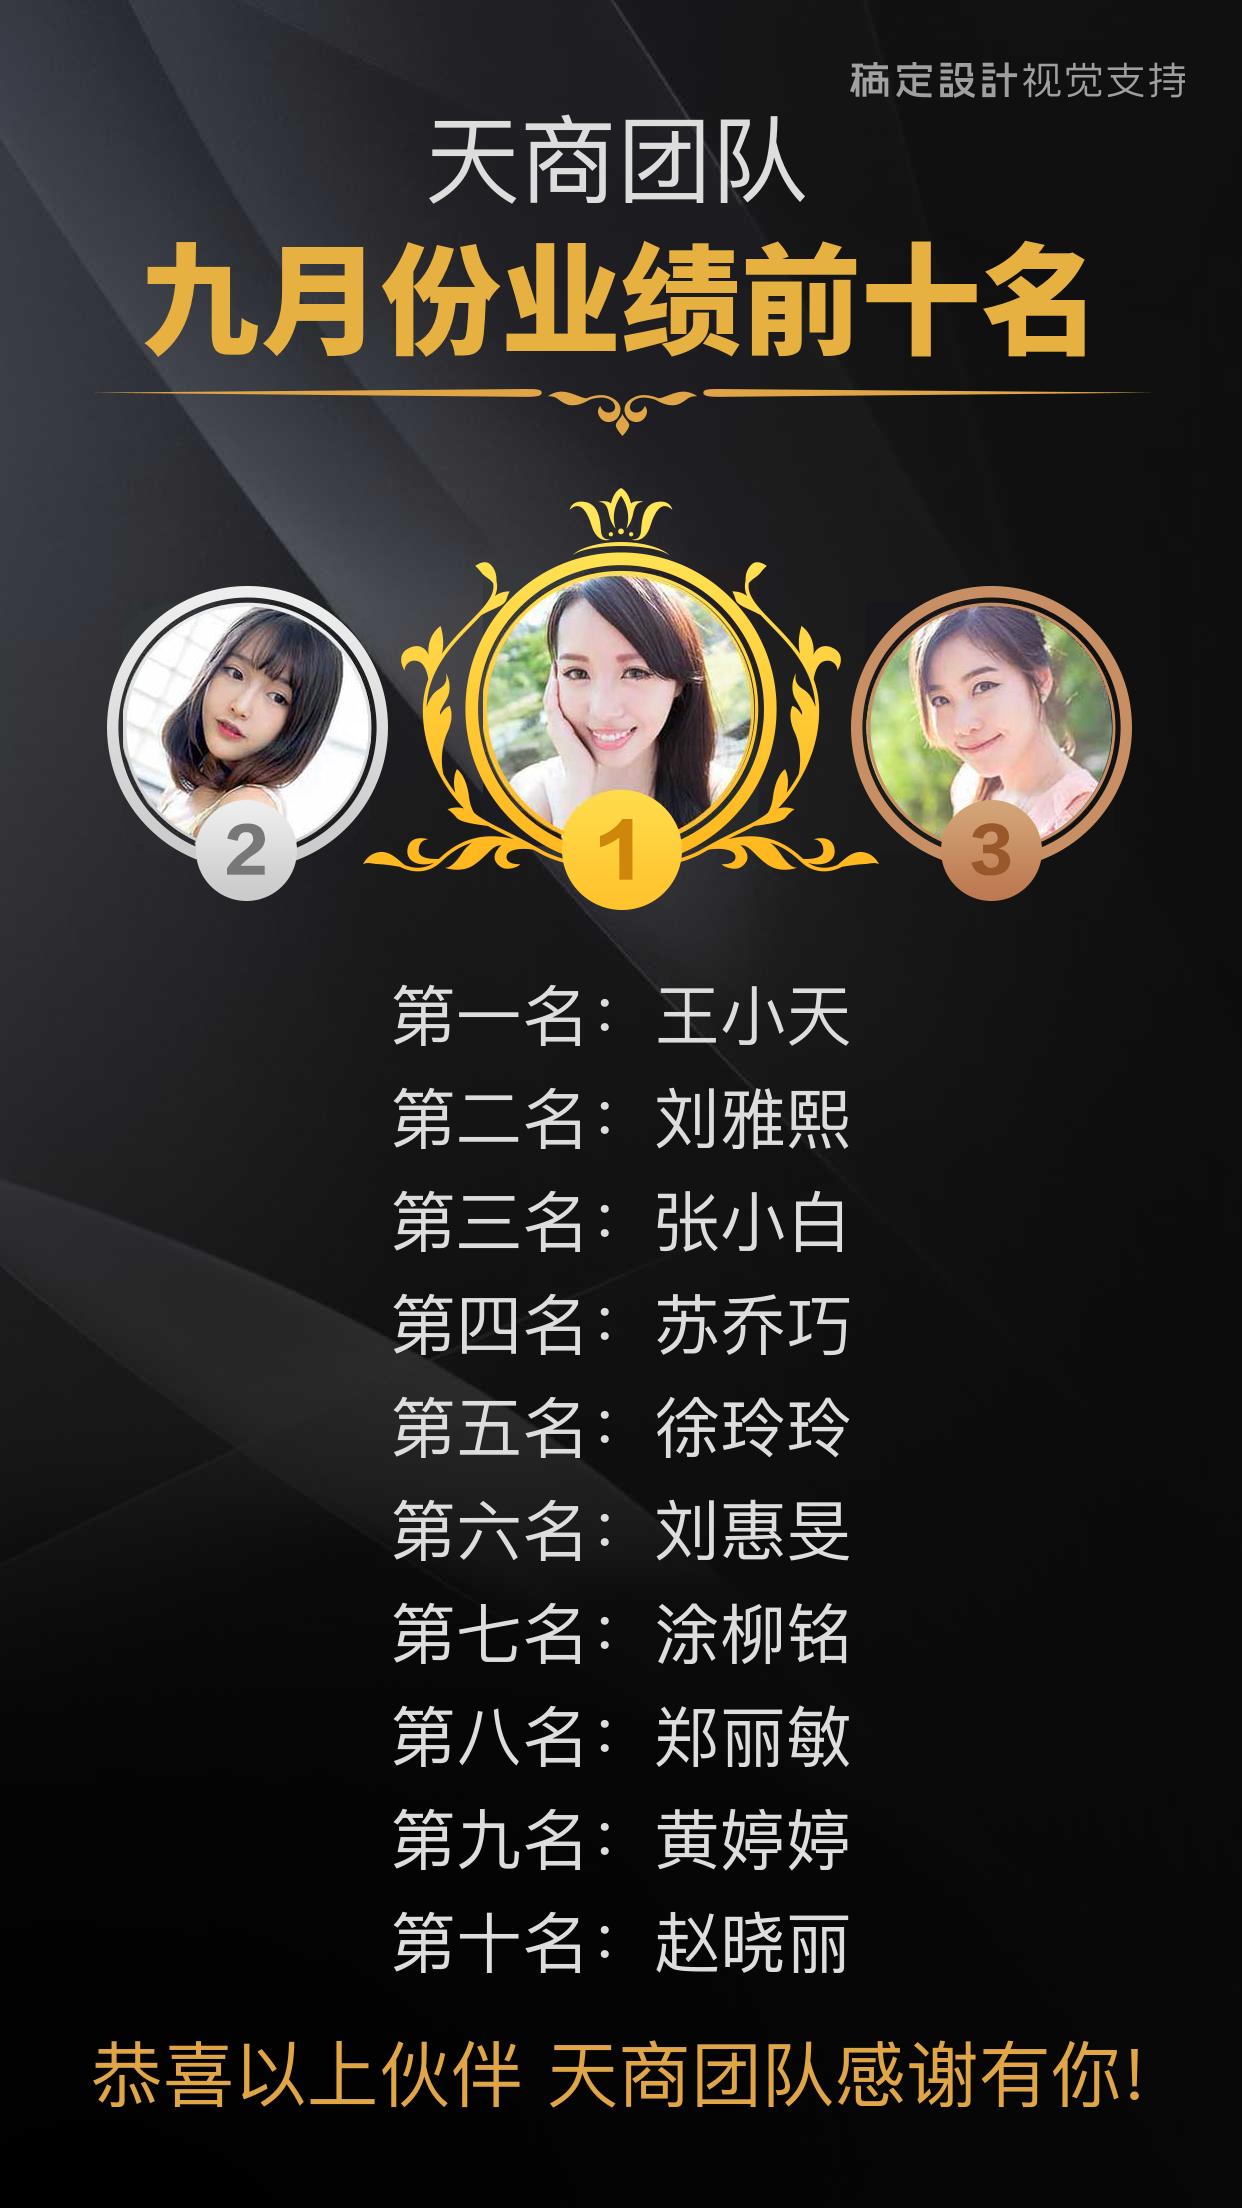 奢华酷炫团队表彰业绩排行榜